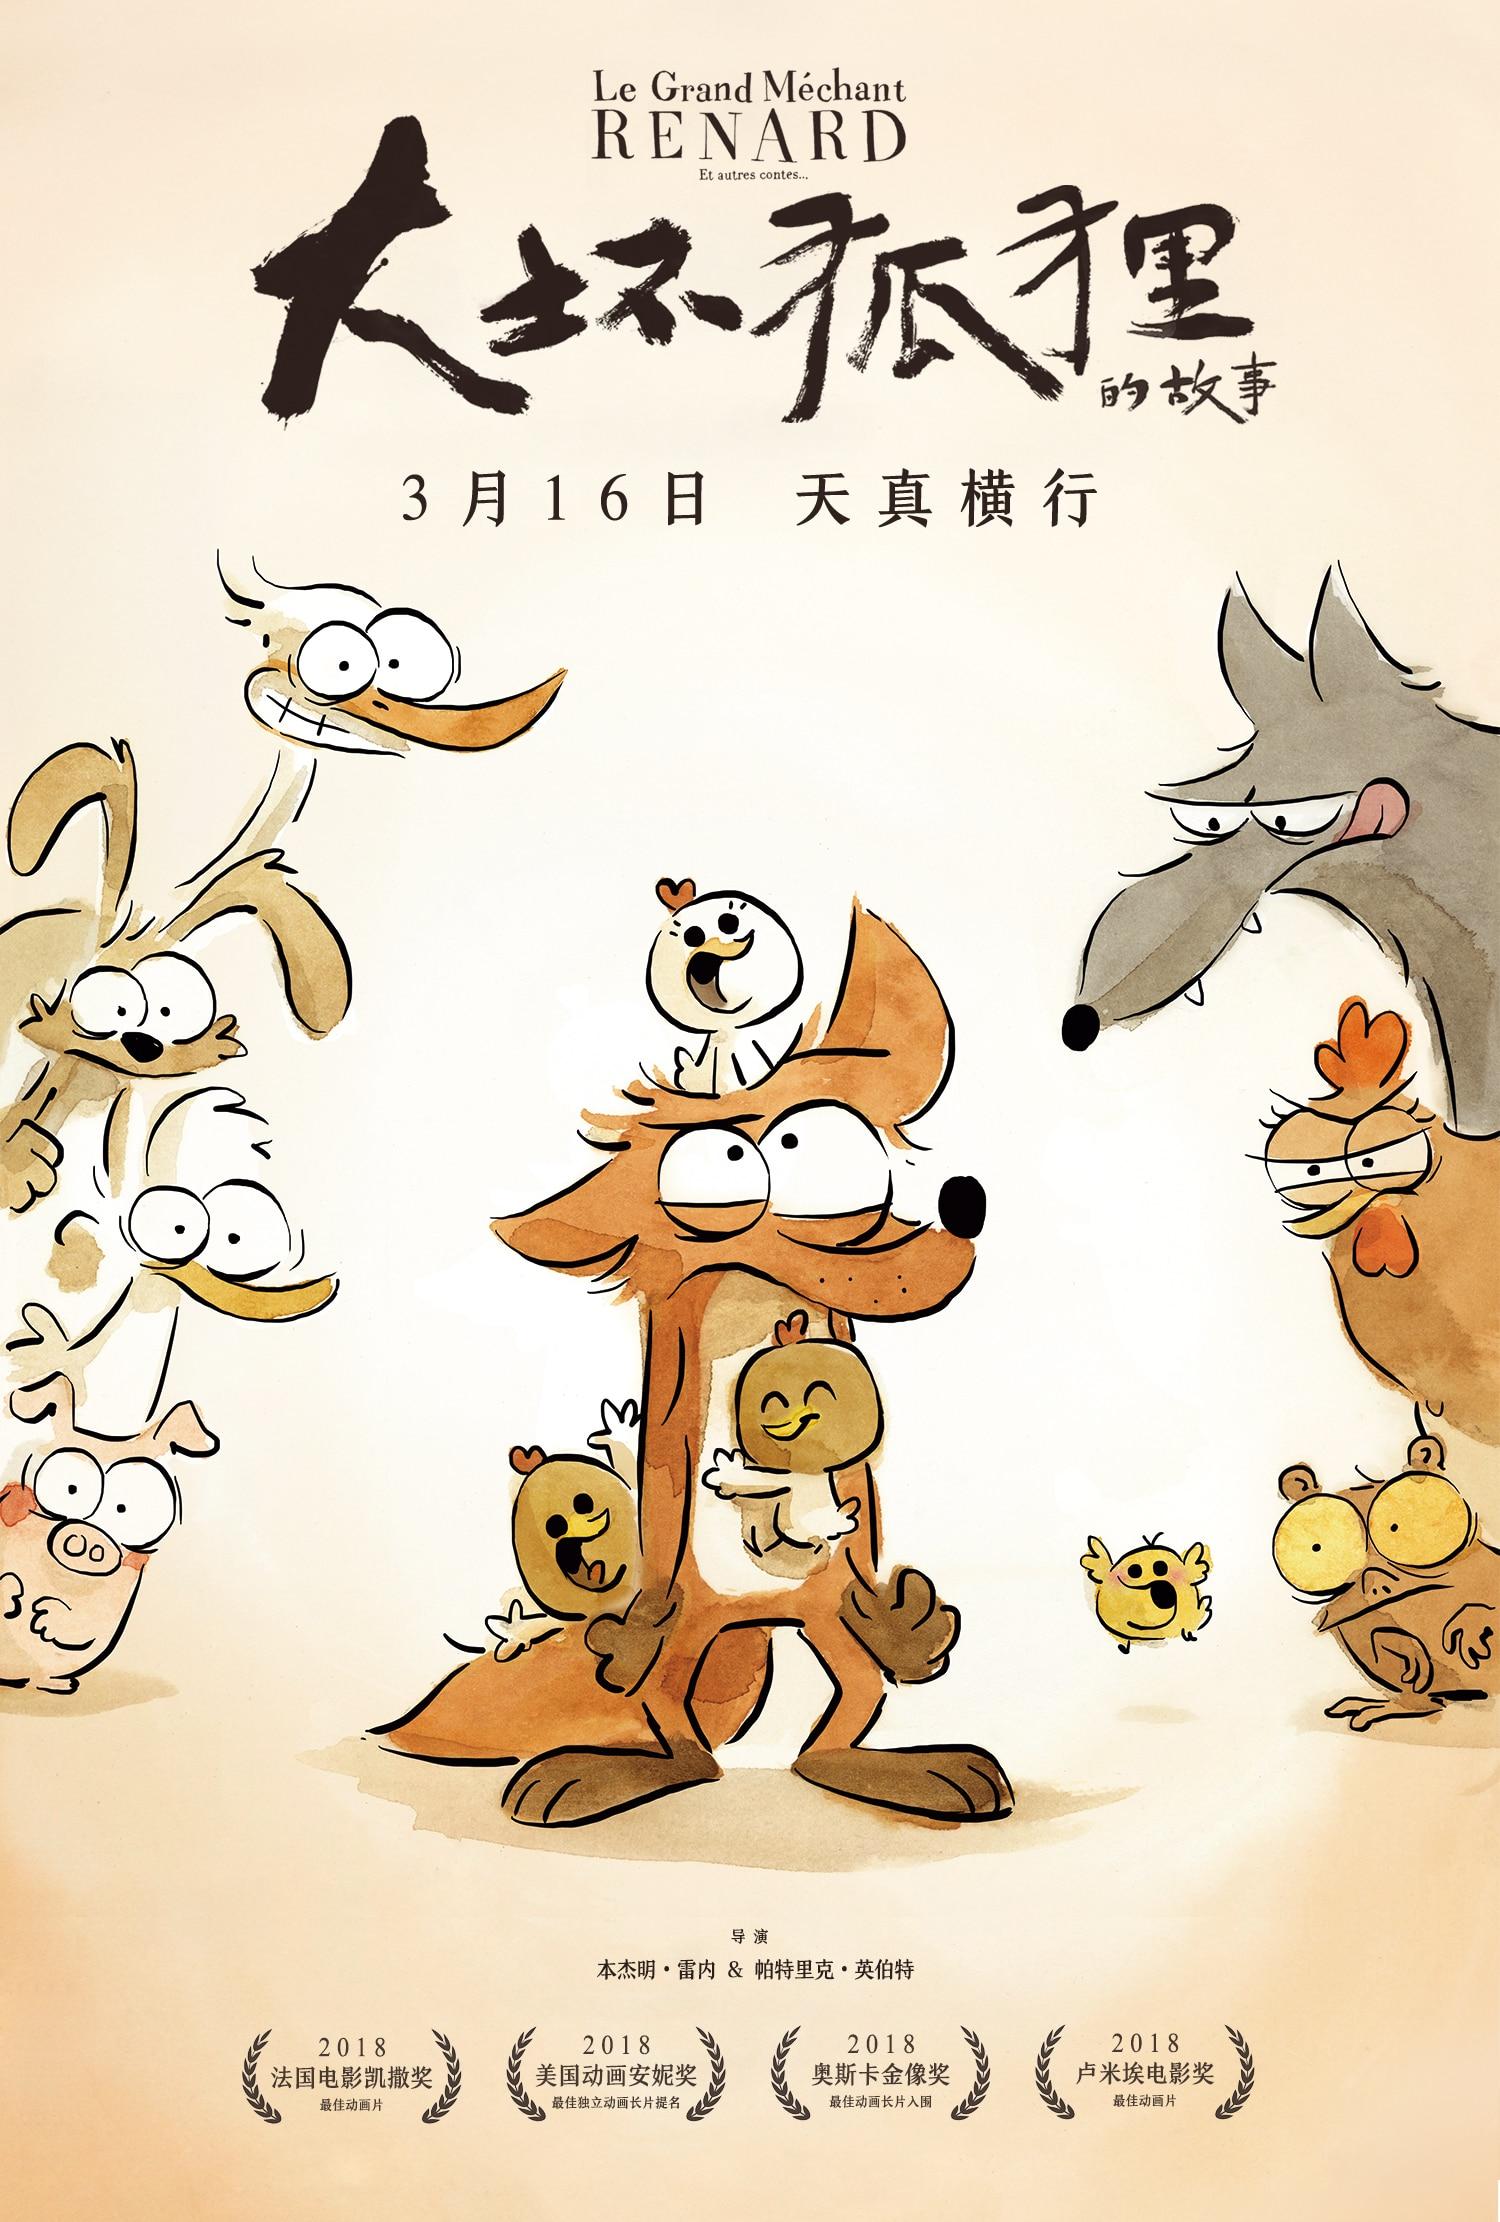 大坏狐狸的故事 [高分动画片,提名多个奖项的最佳动画长片]